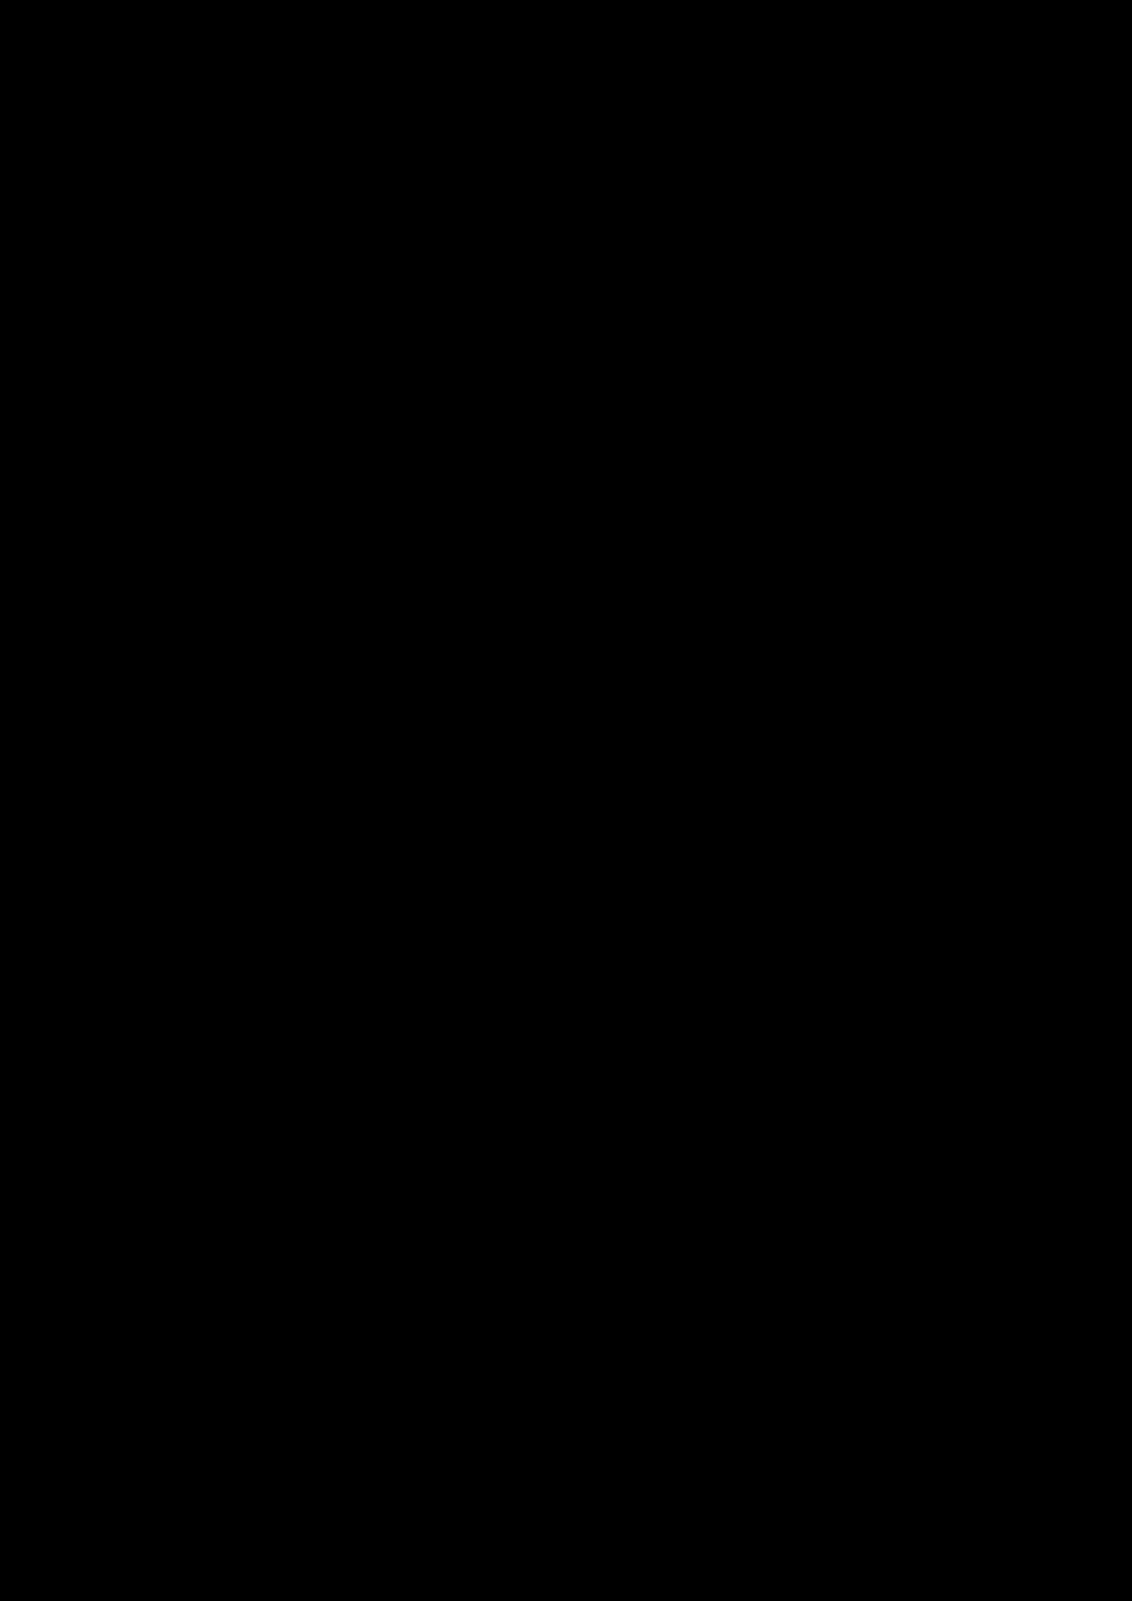 Zagadka volshebnoy stranyi slide, Image 29